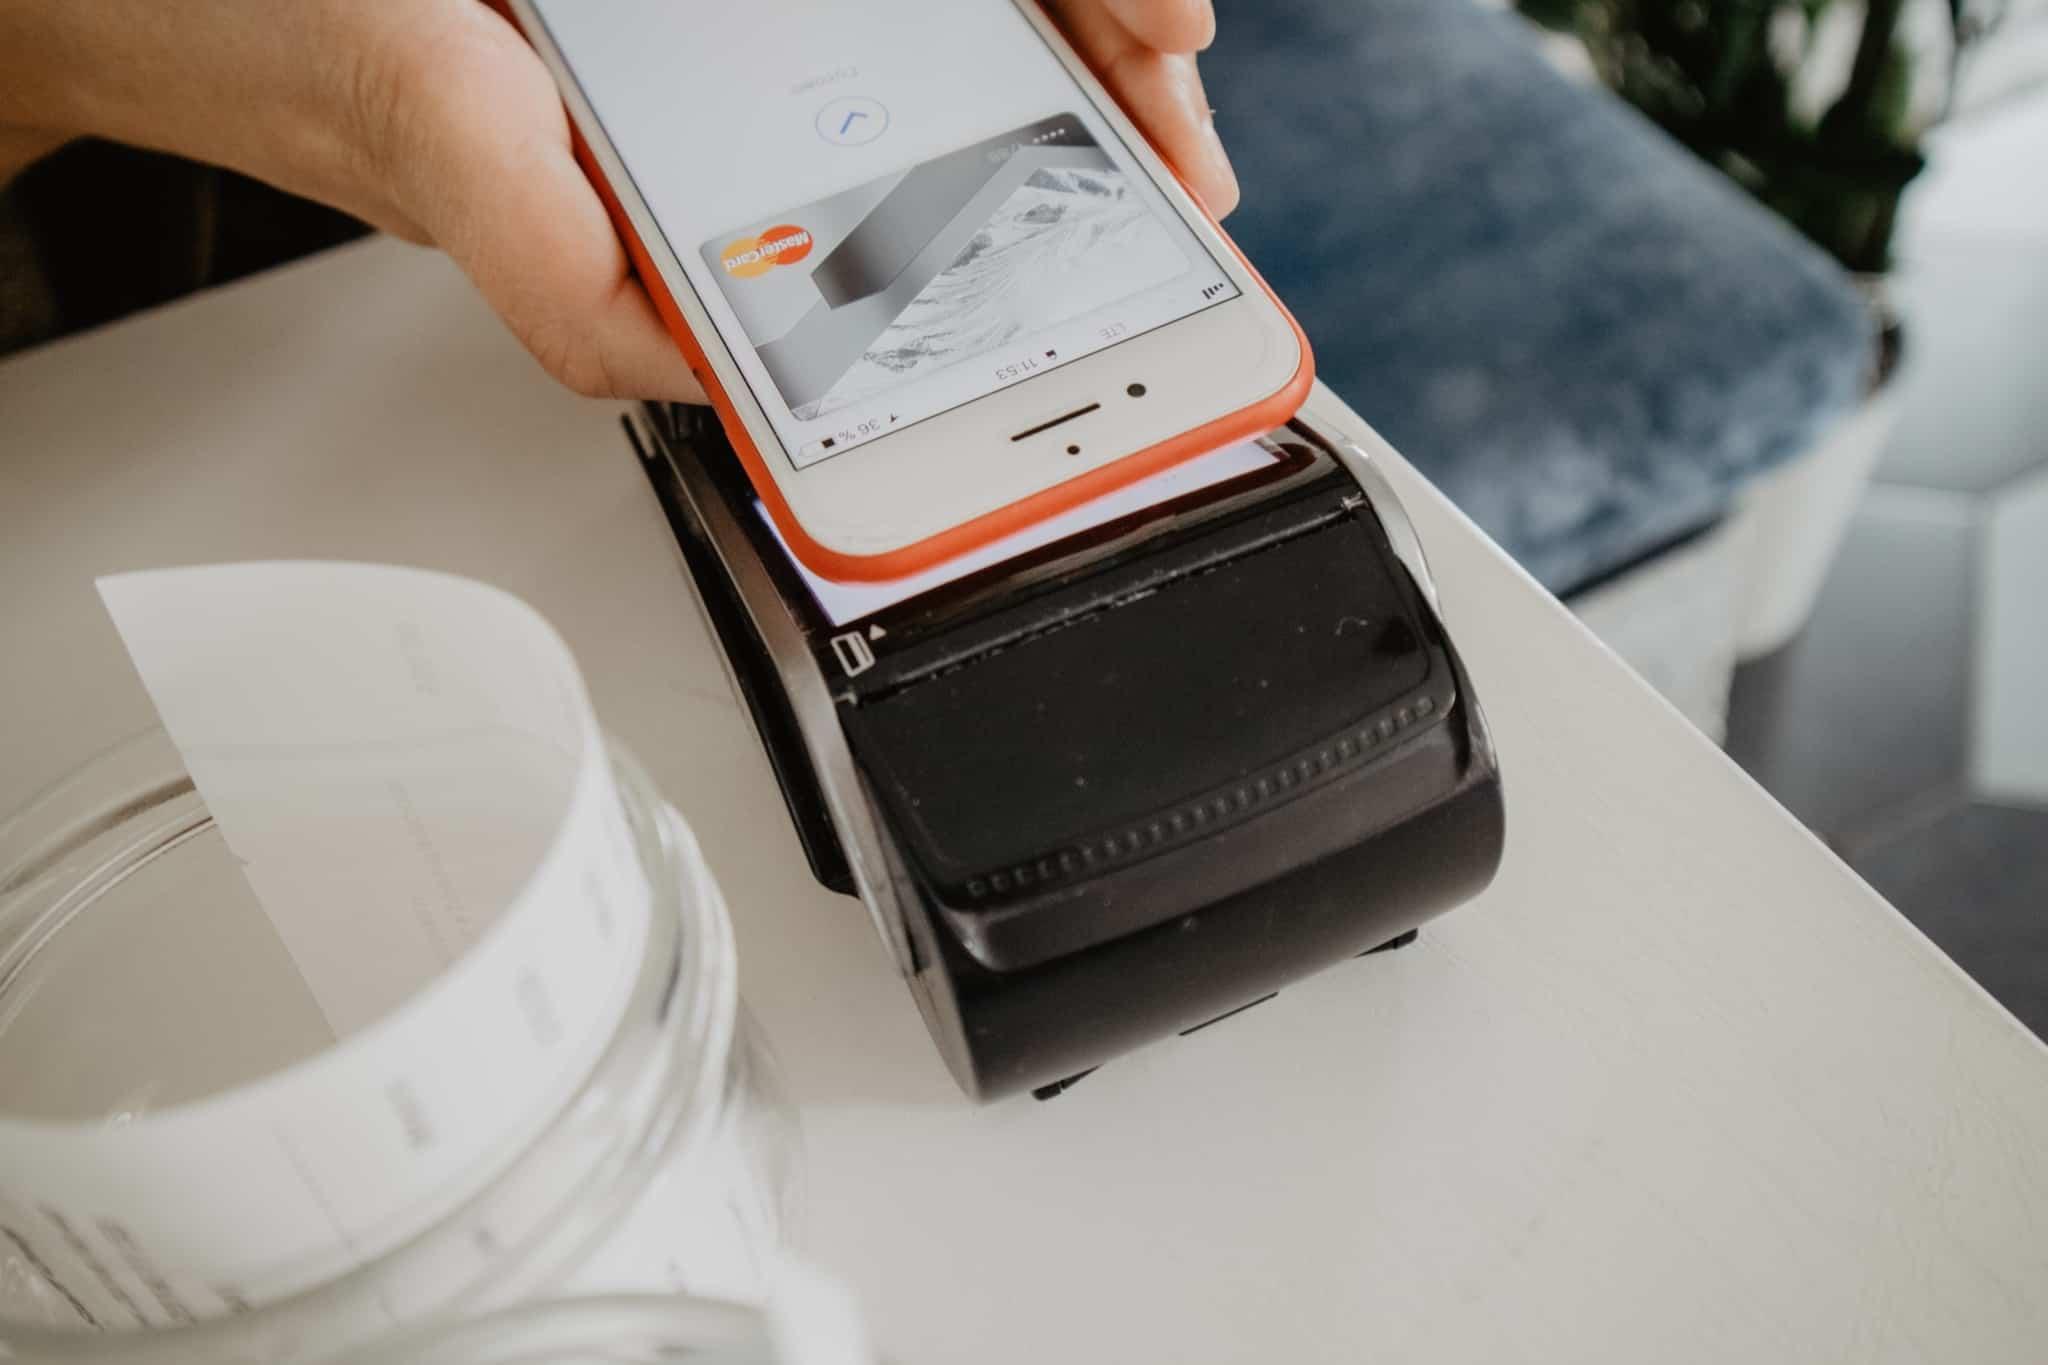 pagamento de compras com smartphone em atm